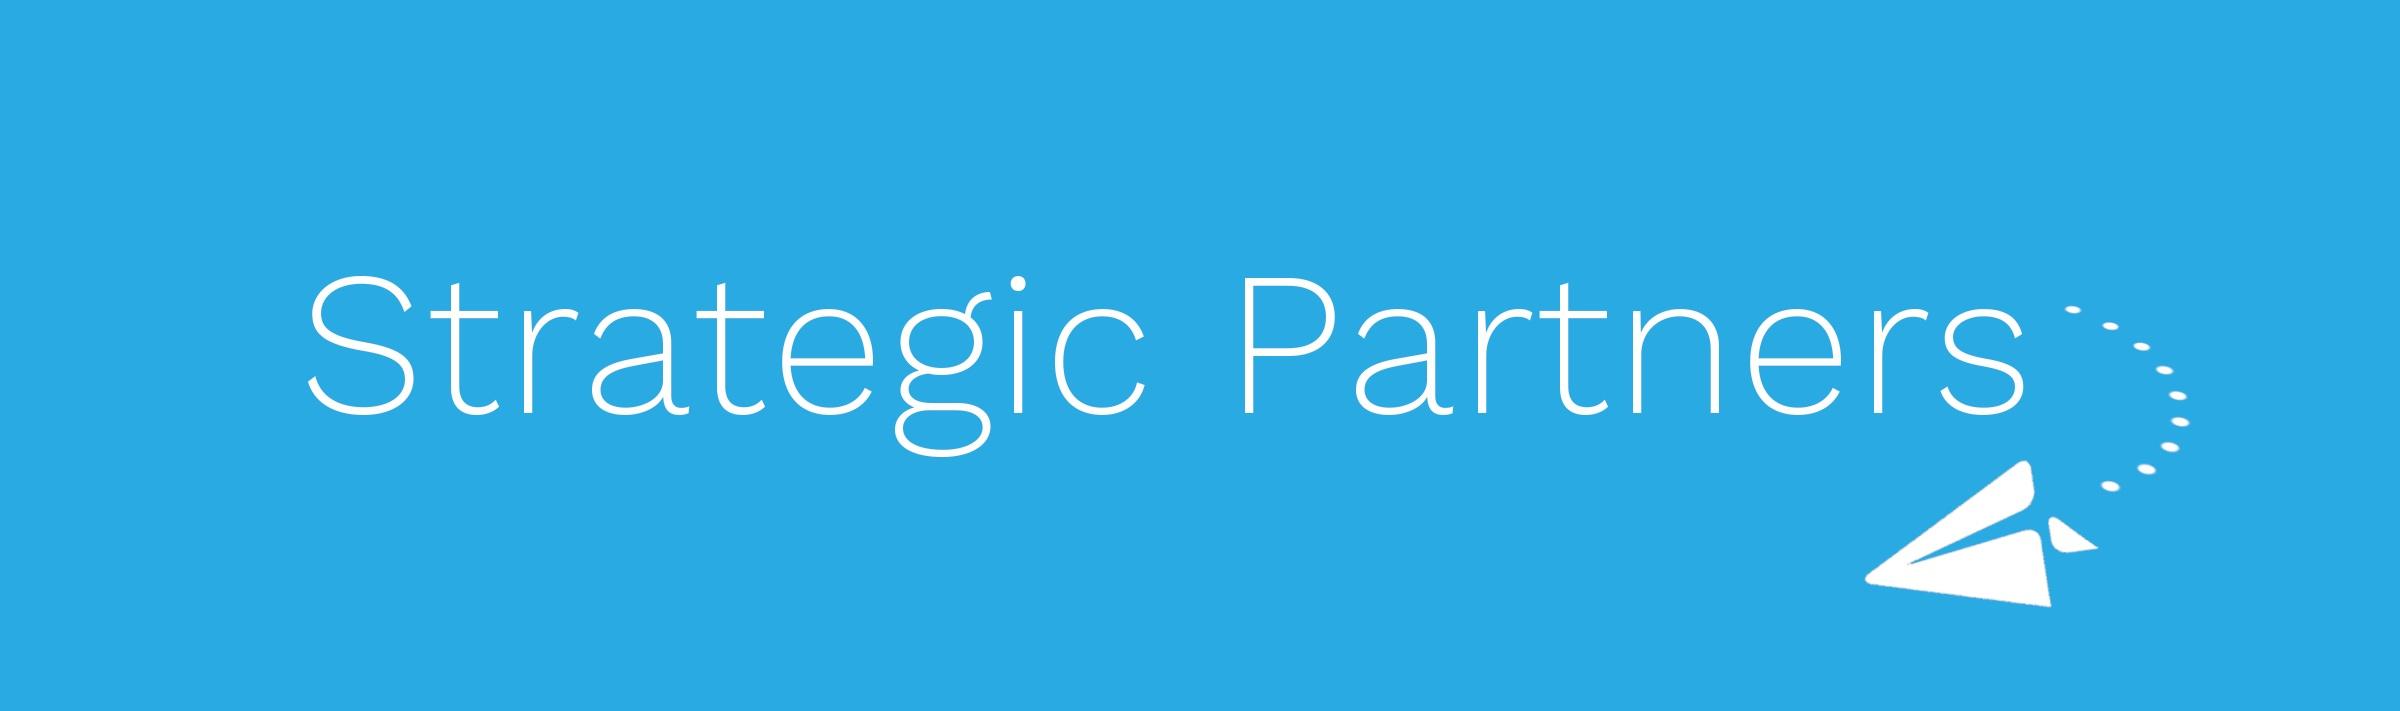 SPT+Logo+White+on+Blue.jpg